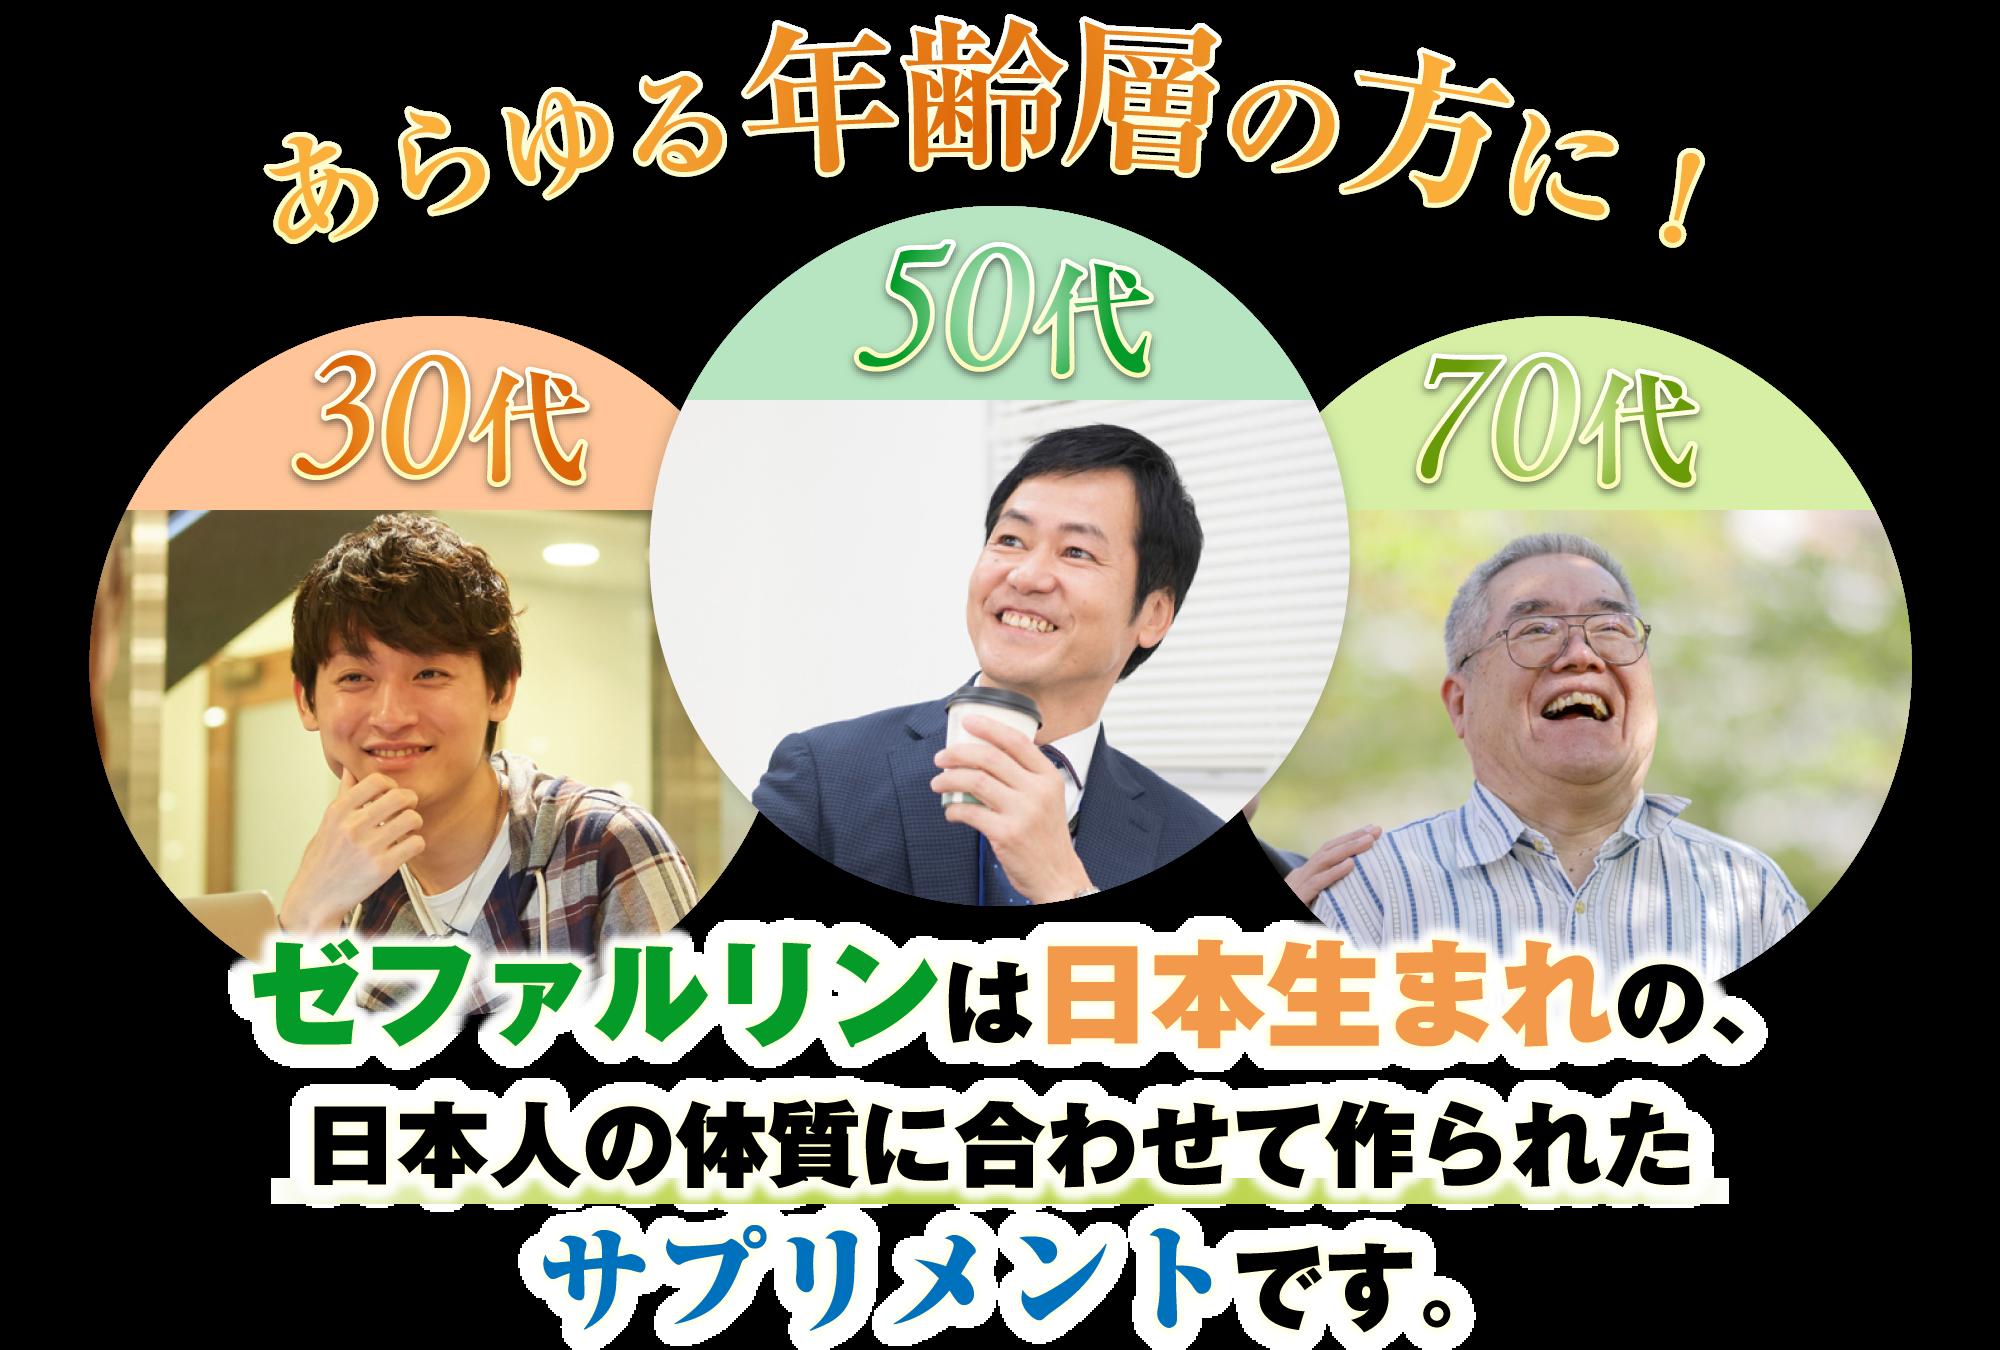 あらゆる年齢層の方に!ゼファルリンは日本生まれの、日本人の体質に合わせて作られたサプリメントです。